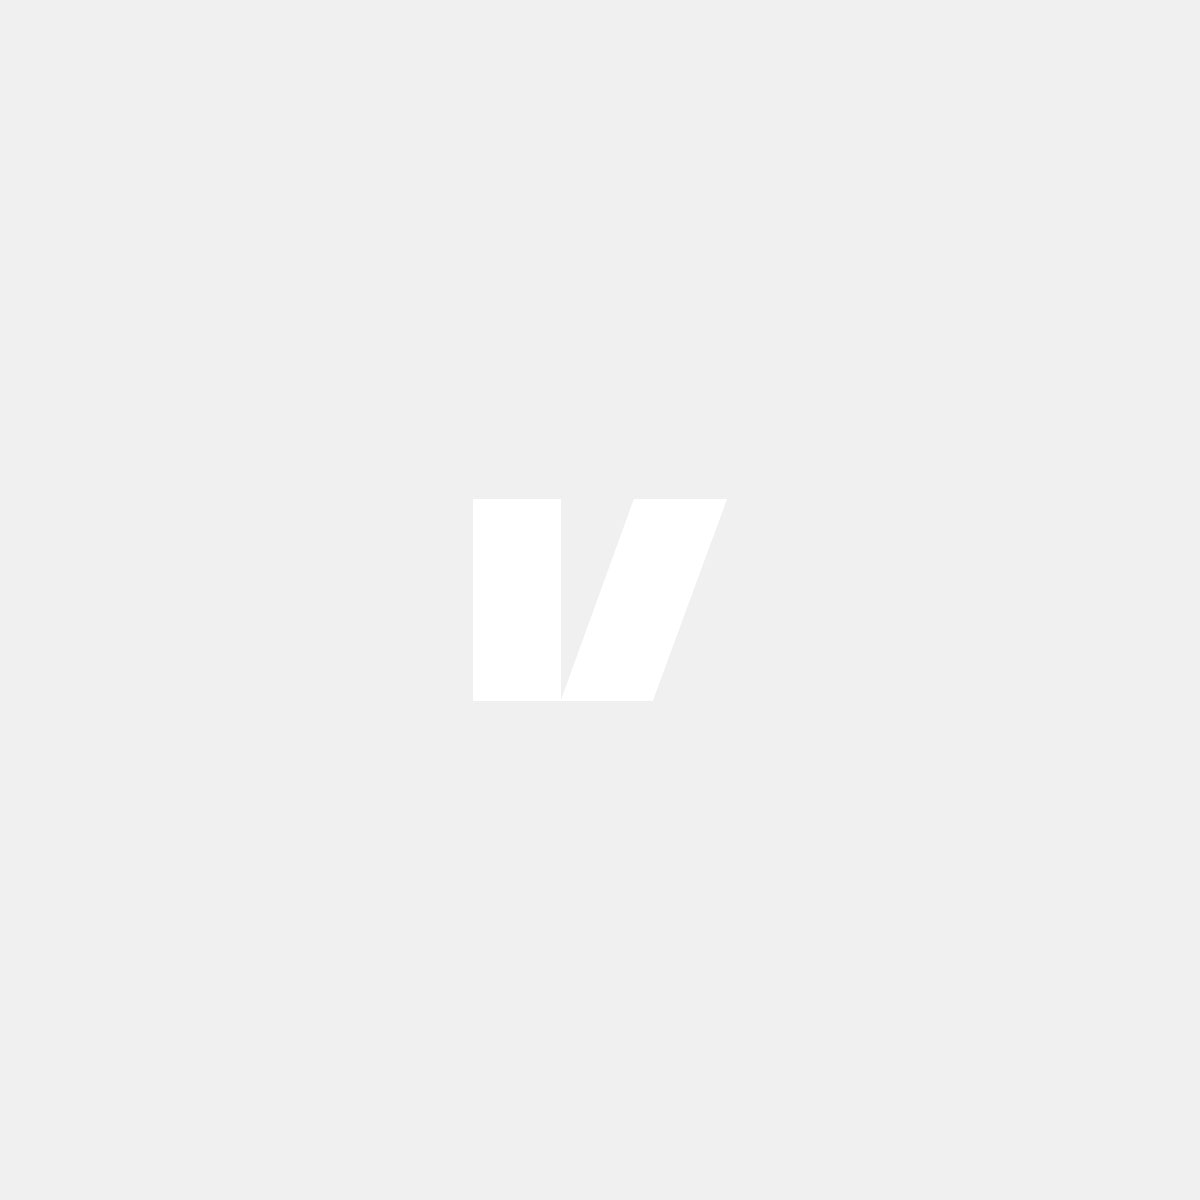 Kontrollenhet för kylfläkt till Volvo S60, S80, V70, XC70